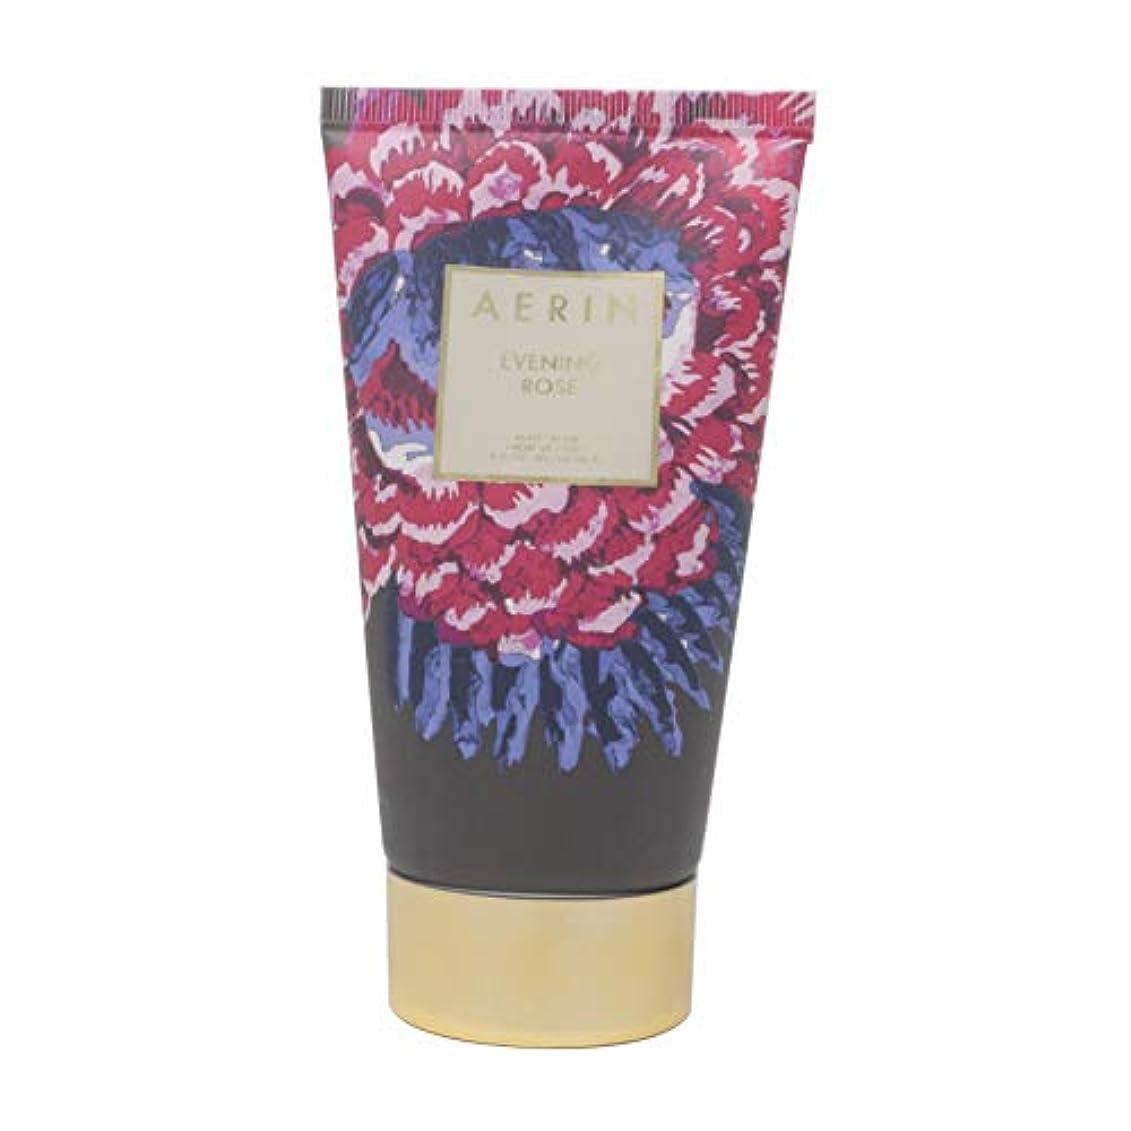 シーン休憩受け取るAERIN 'Evening Rose' (アエリン イブニング ローズ) 5.0 oz (150ml) Body Cream ボディークリーム by Estee Lauder for Women